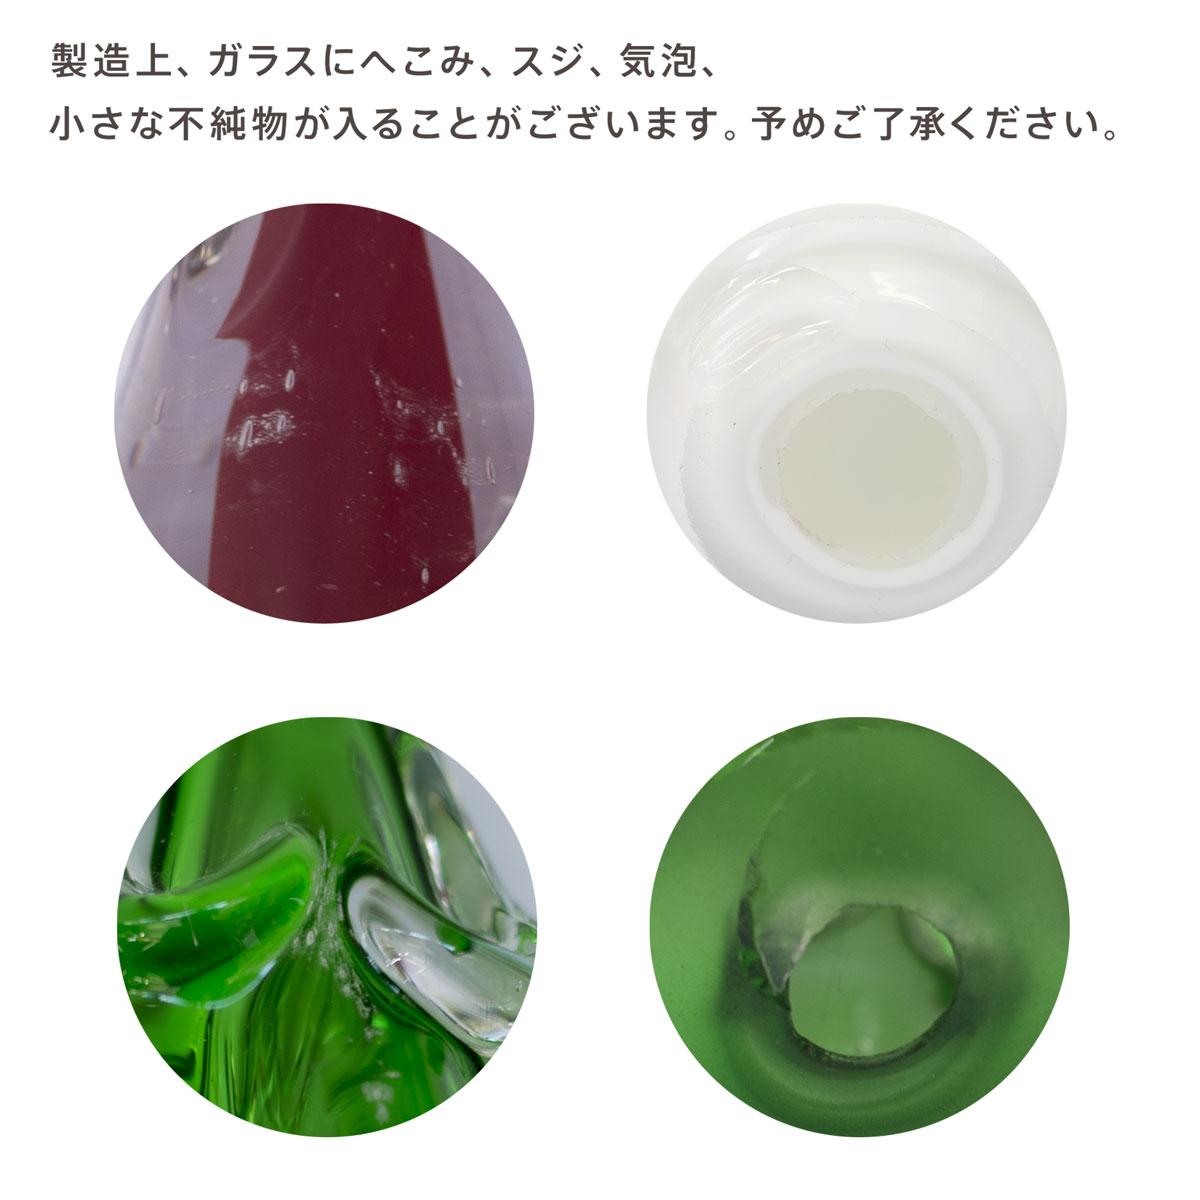 GLASS TREE / Red(L)